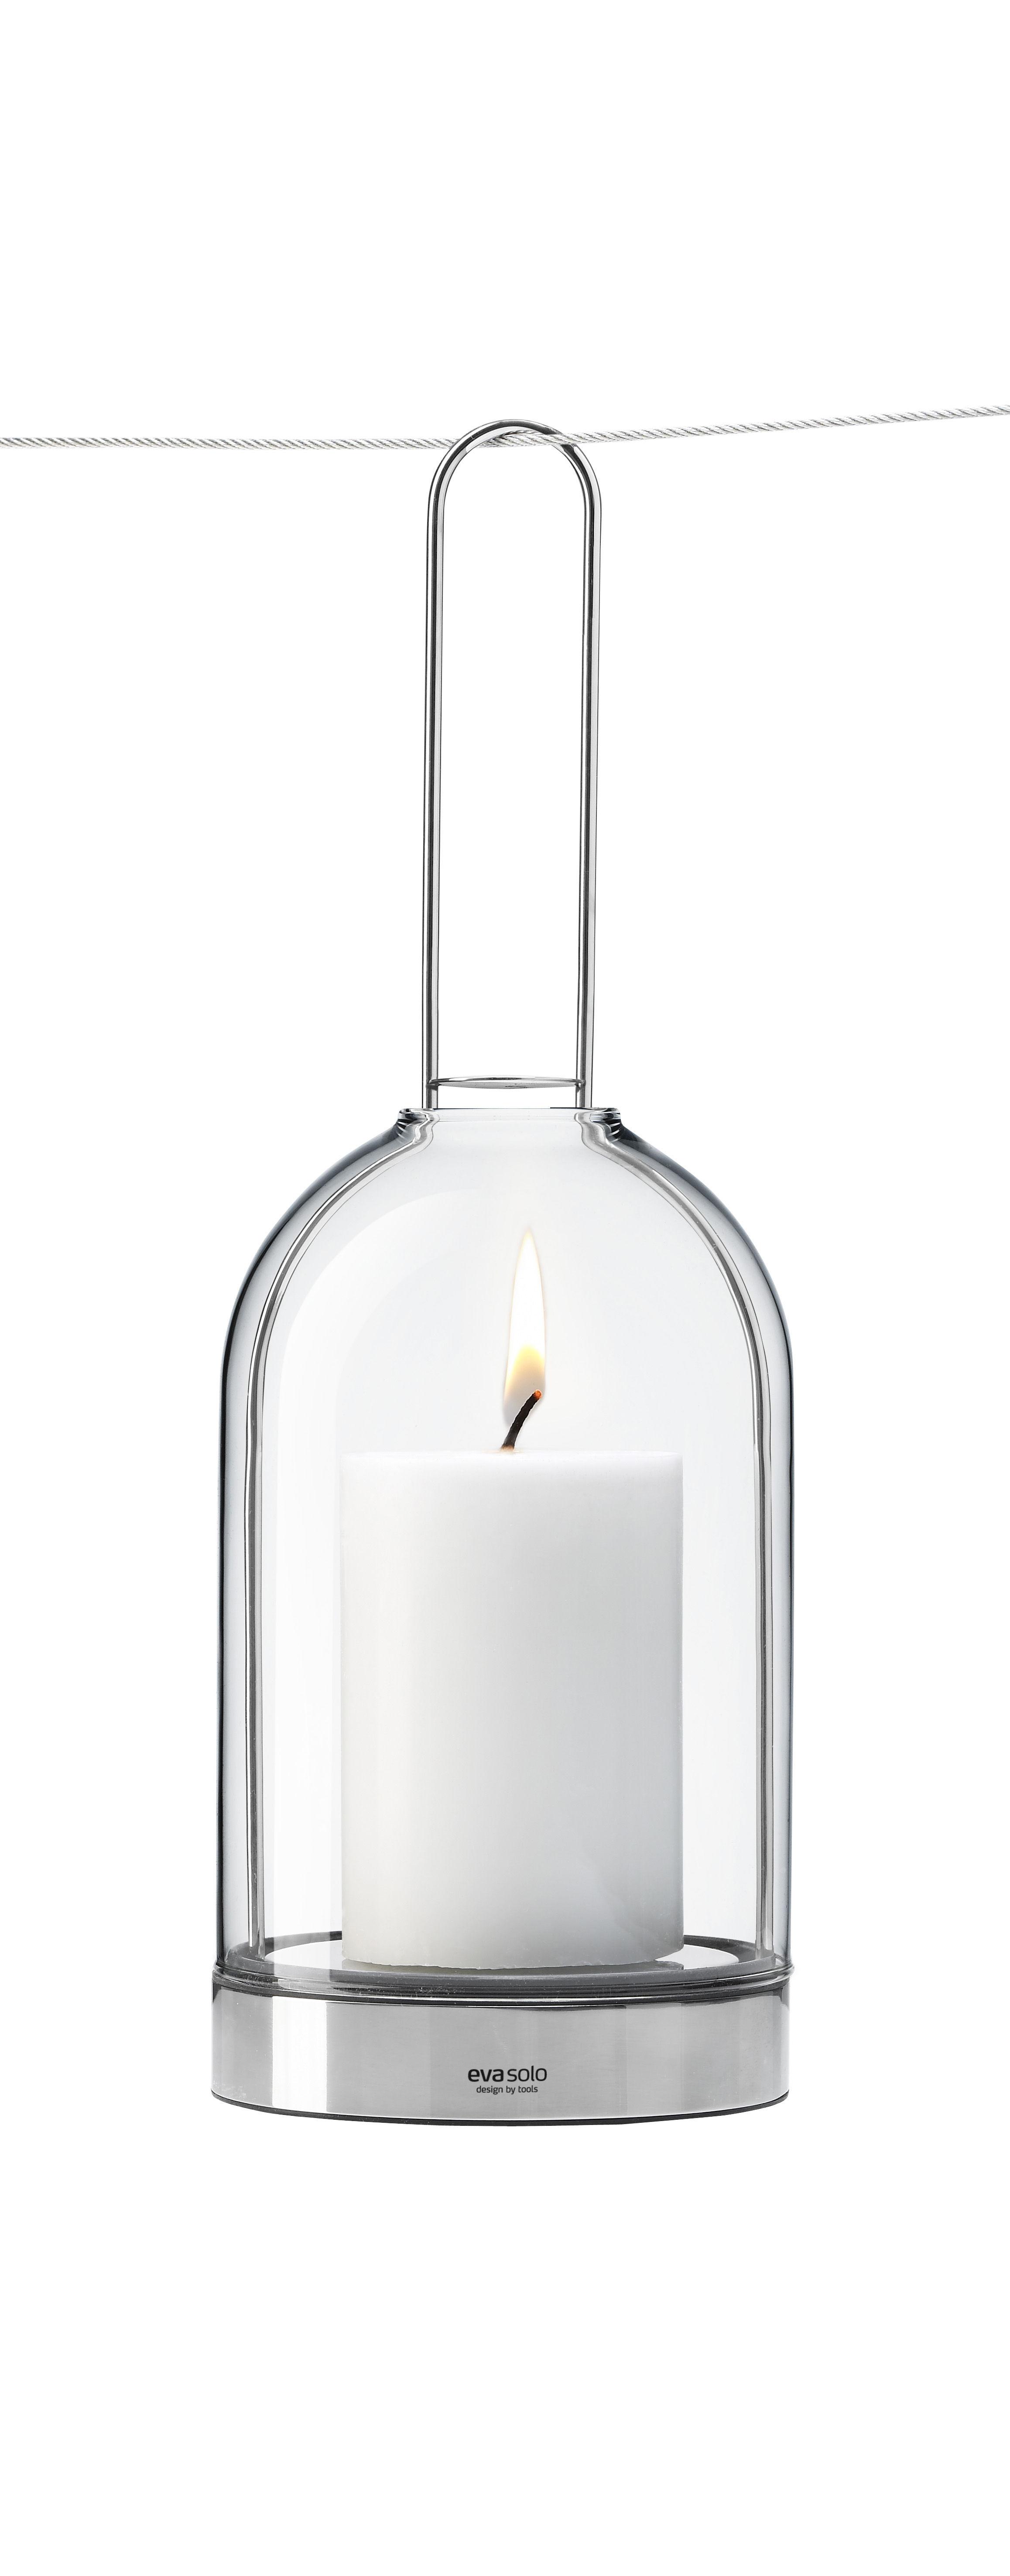 Dekoration - Kerzen, Kerzenleuchter und Windlichter - Hurricane Windlicht zum Aufhängen - Eva Solo - Zum Aufhängen - Glas und Stahl - Glas, rostfreier Stahl